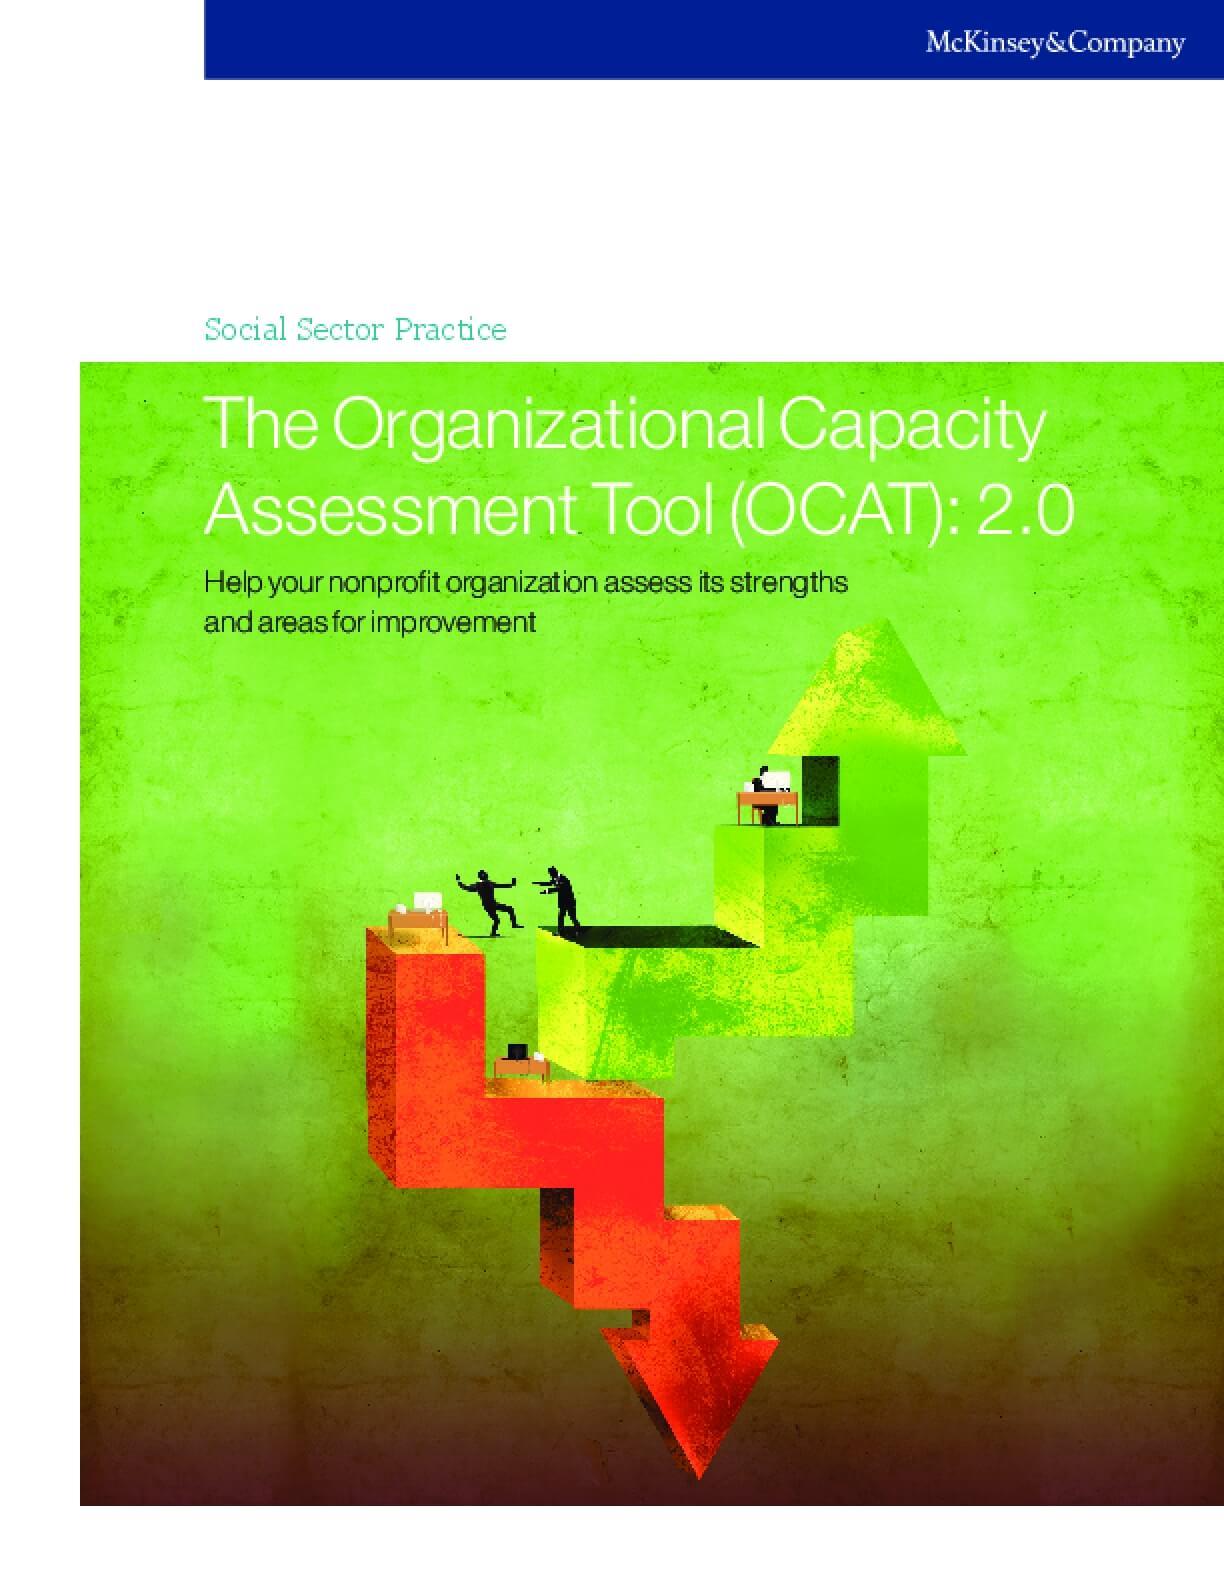 Organizational Capacity Assessment Tool (OCAT): 2.0